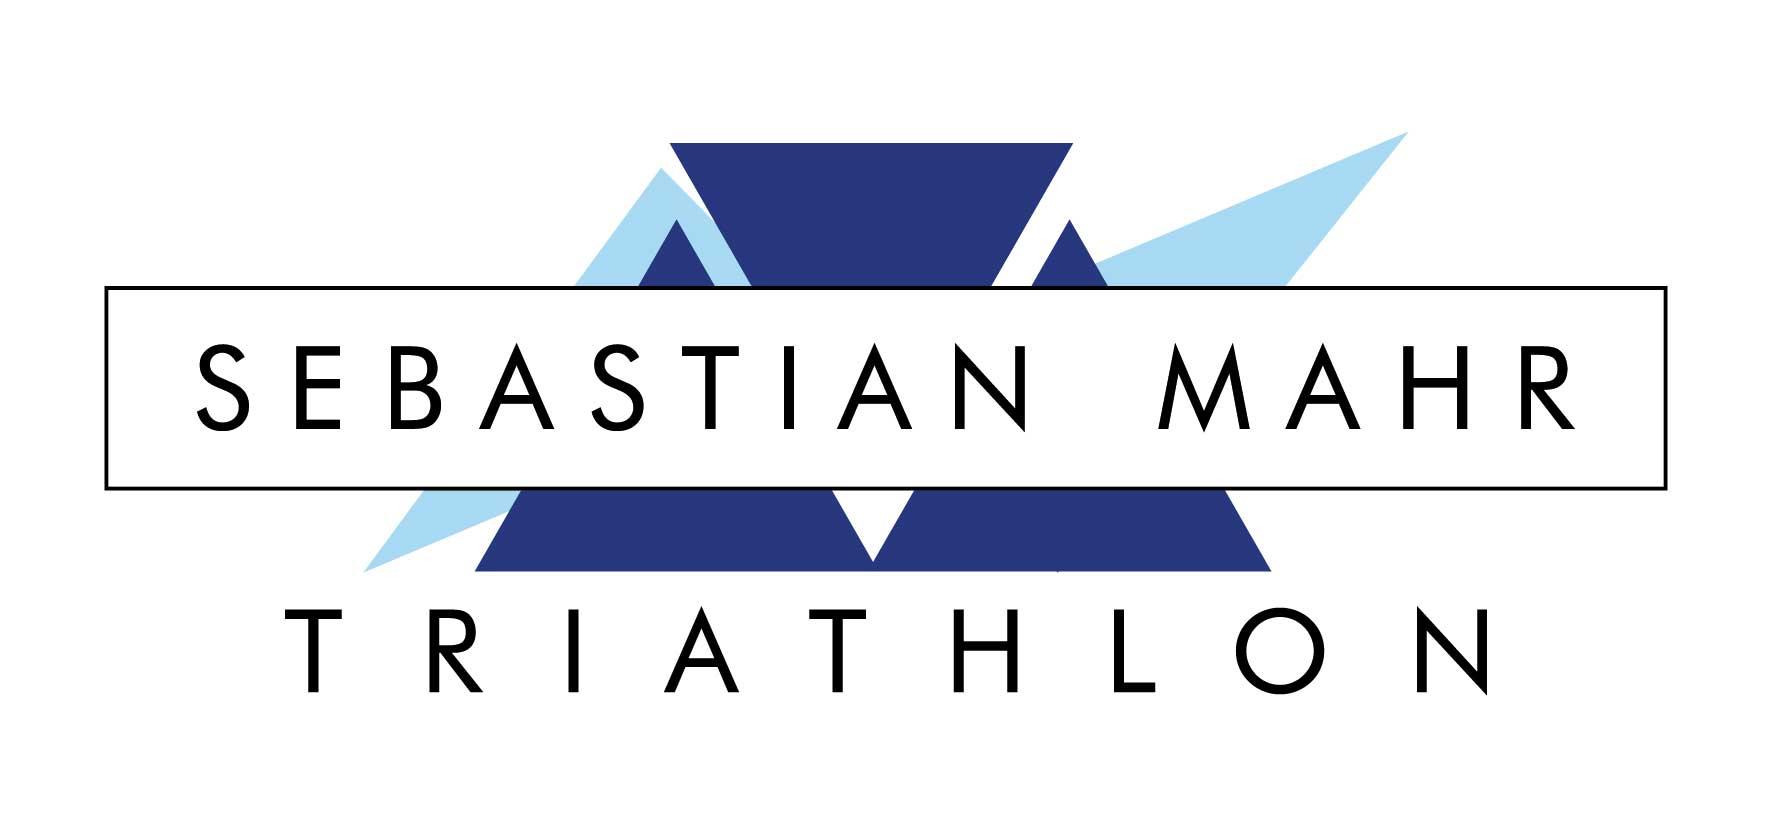 Sebastian Mahr